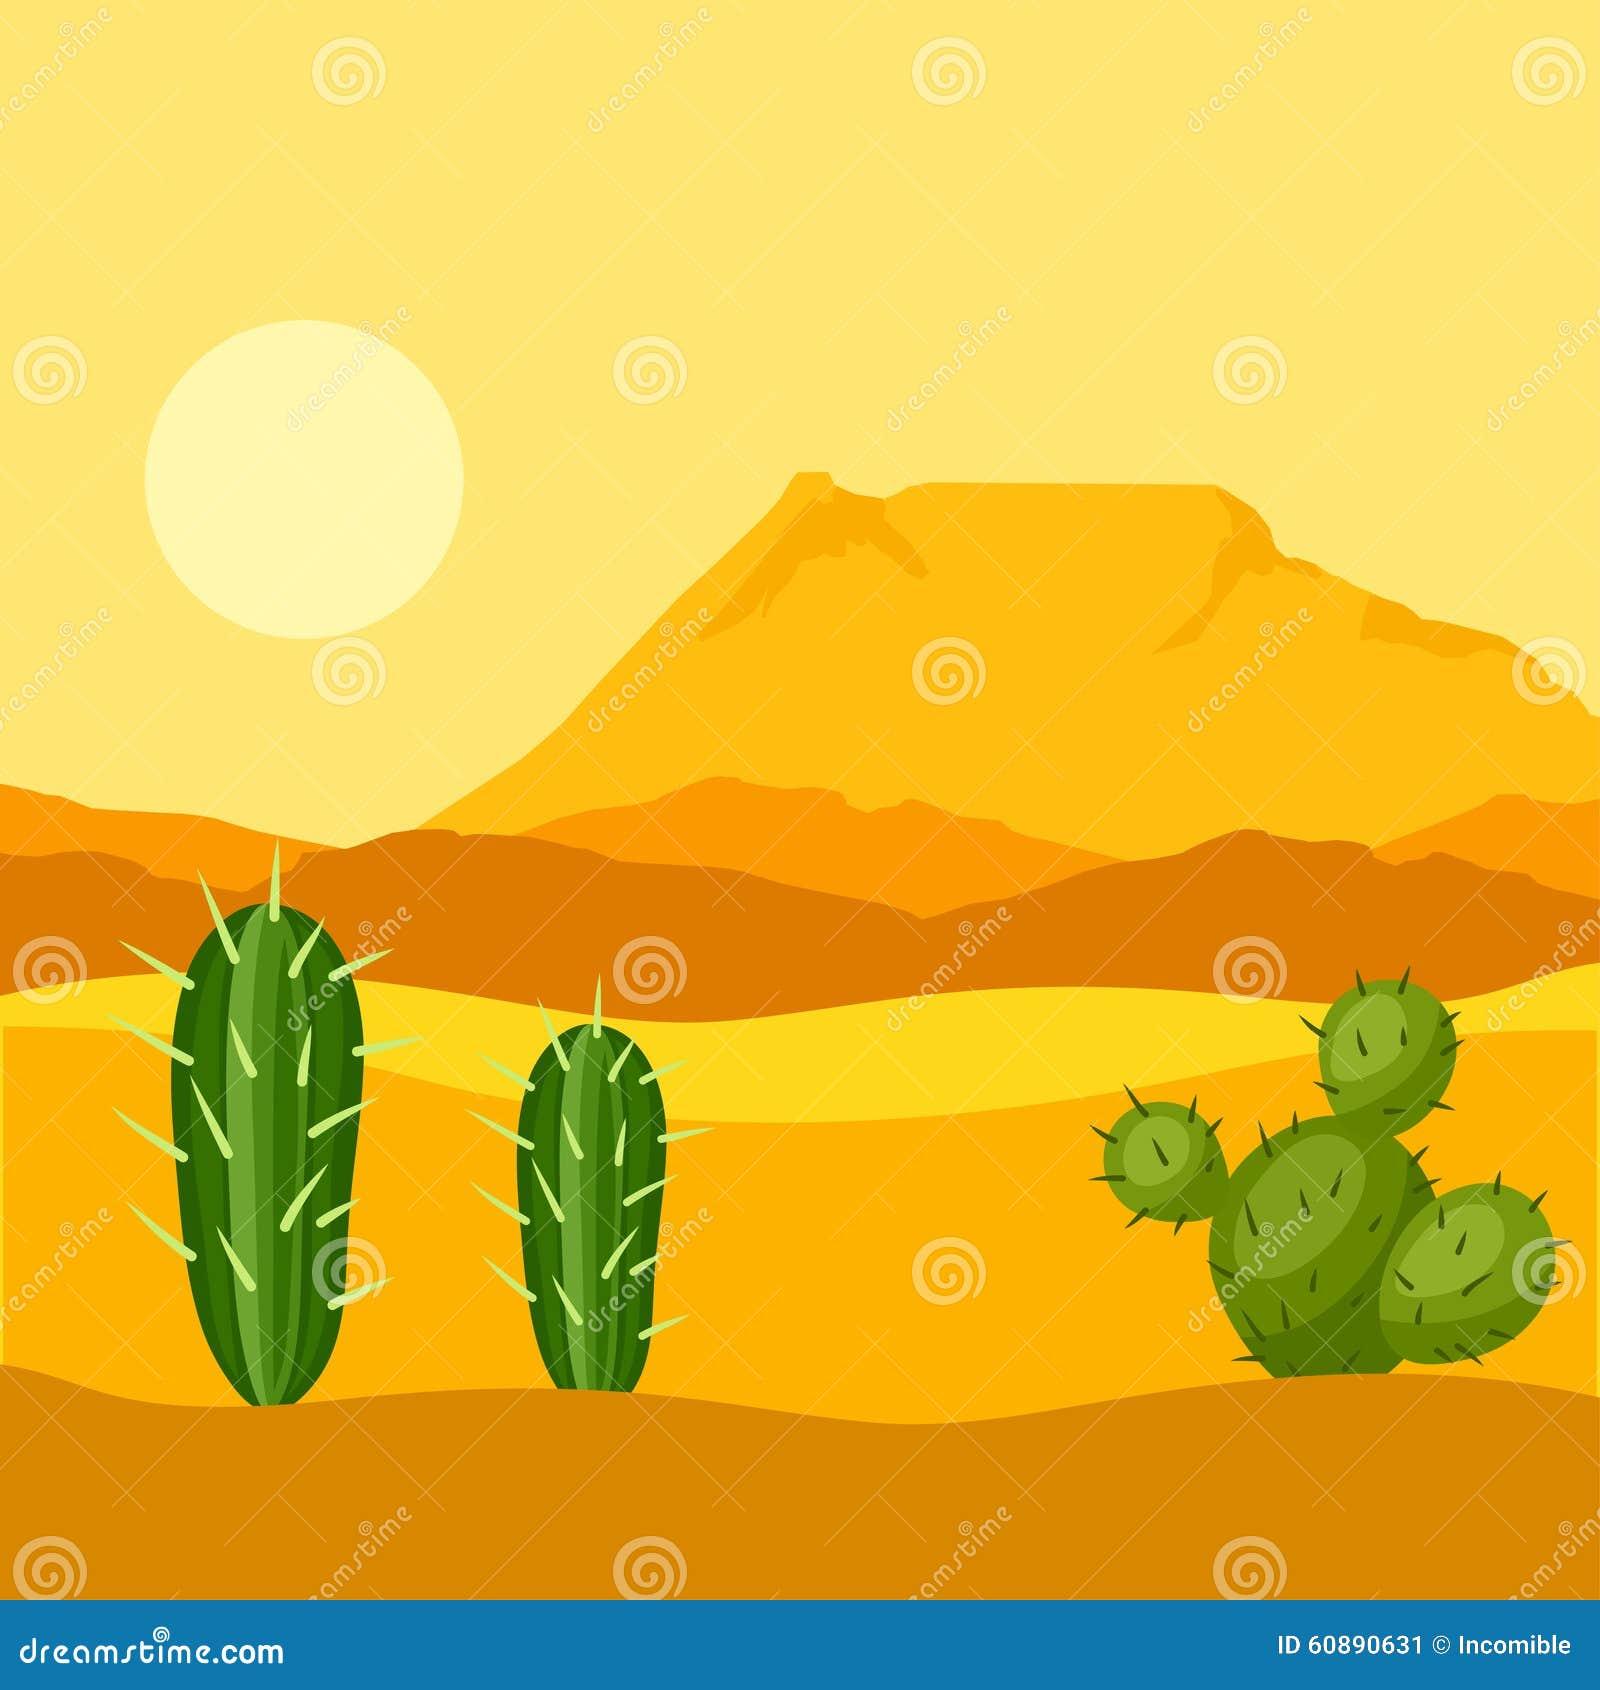 Ilustração do deserto mexicano com cactos e